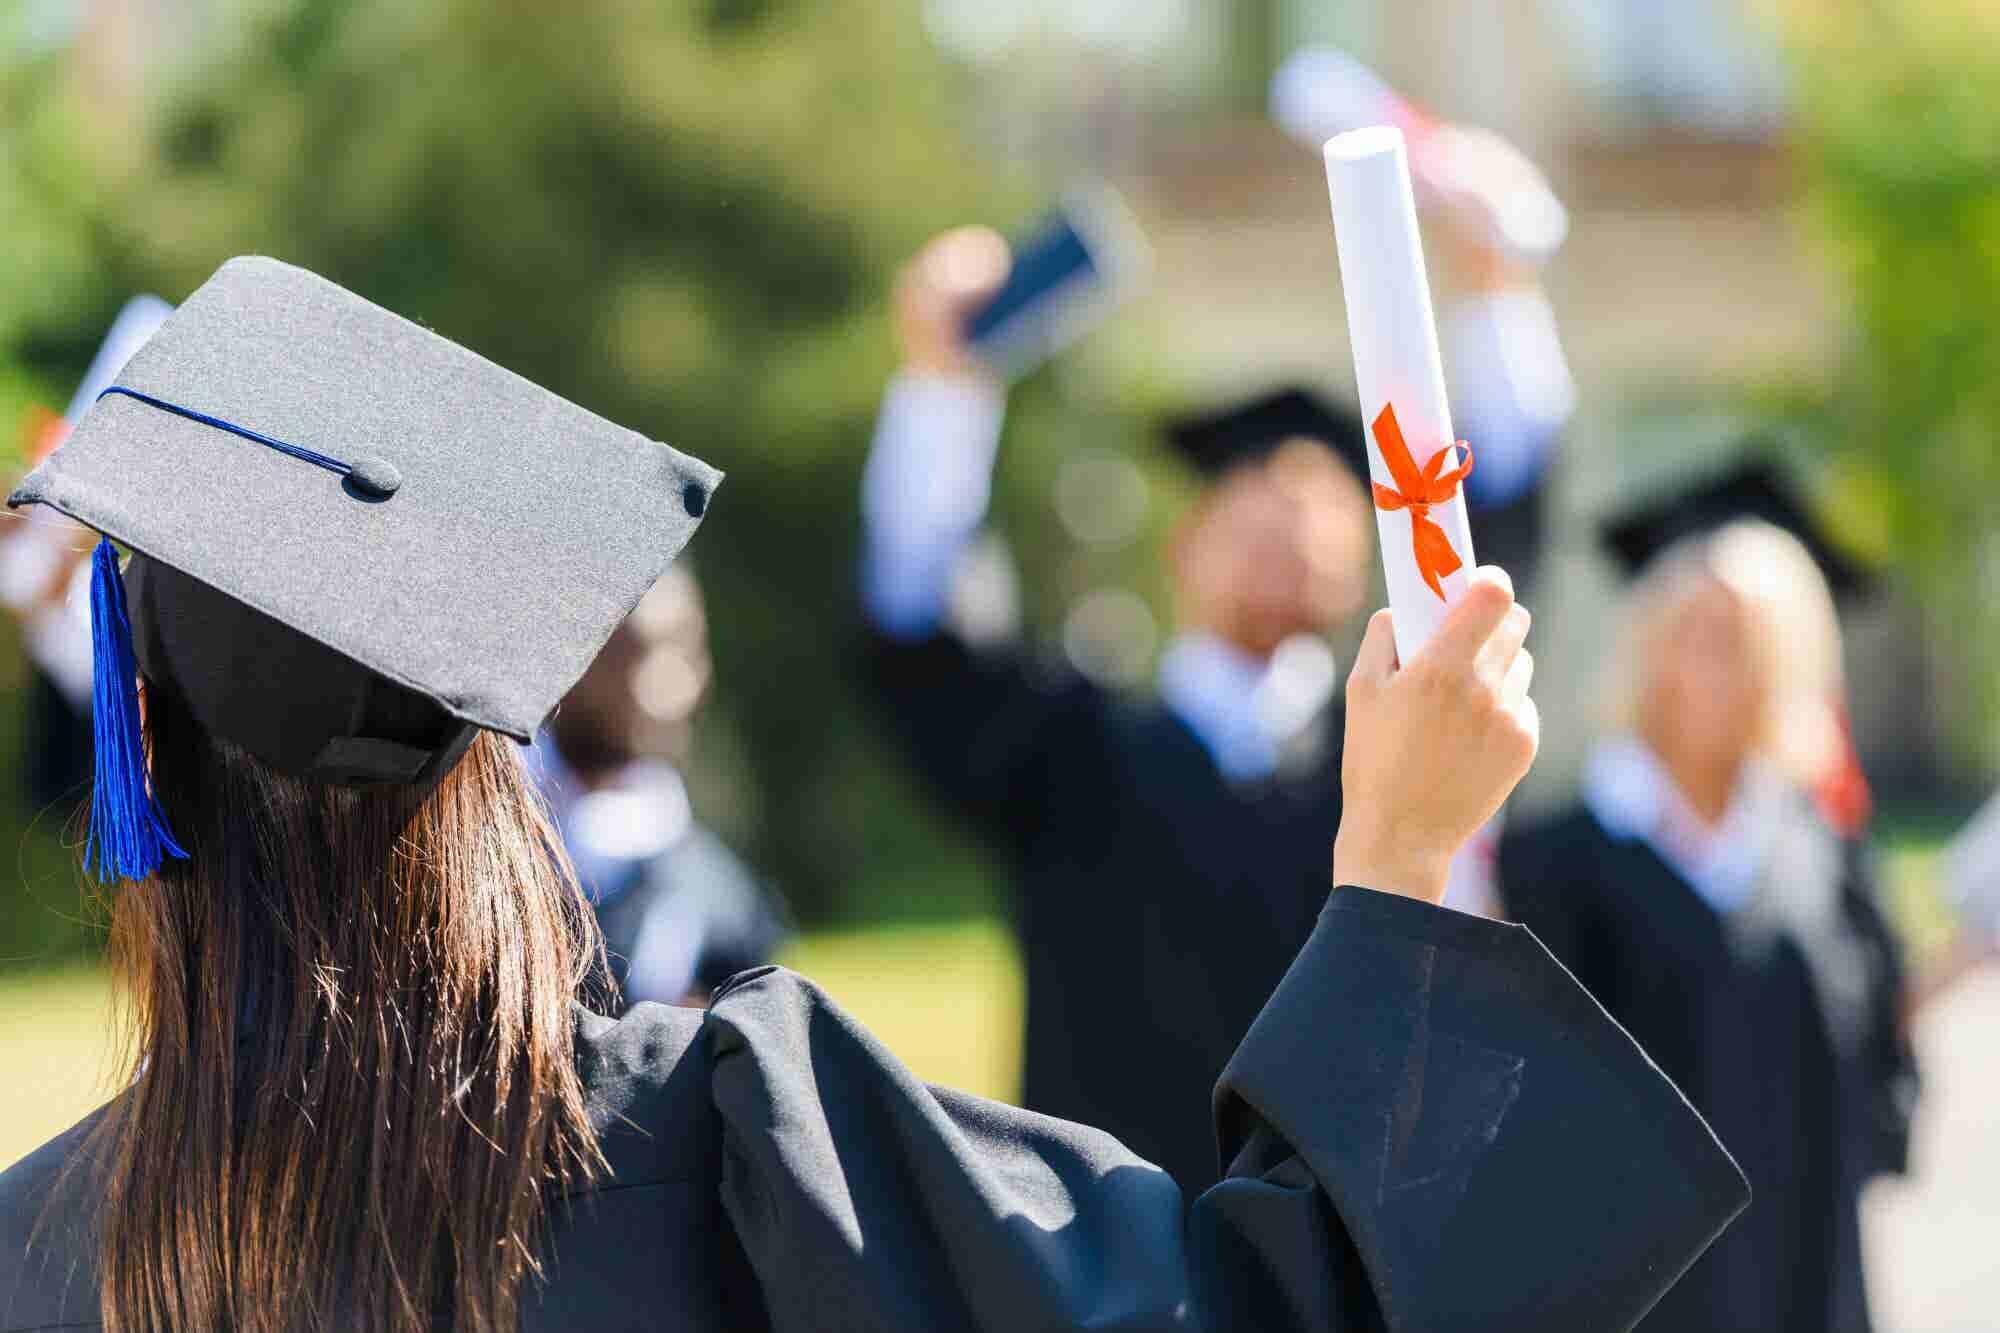 La UNAM es la casa de estudios mexicana mejor posicionada del mundo: reporte